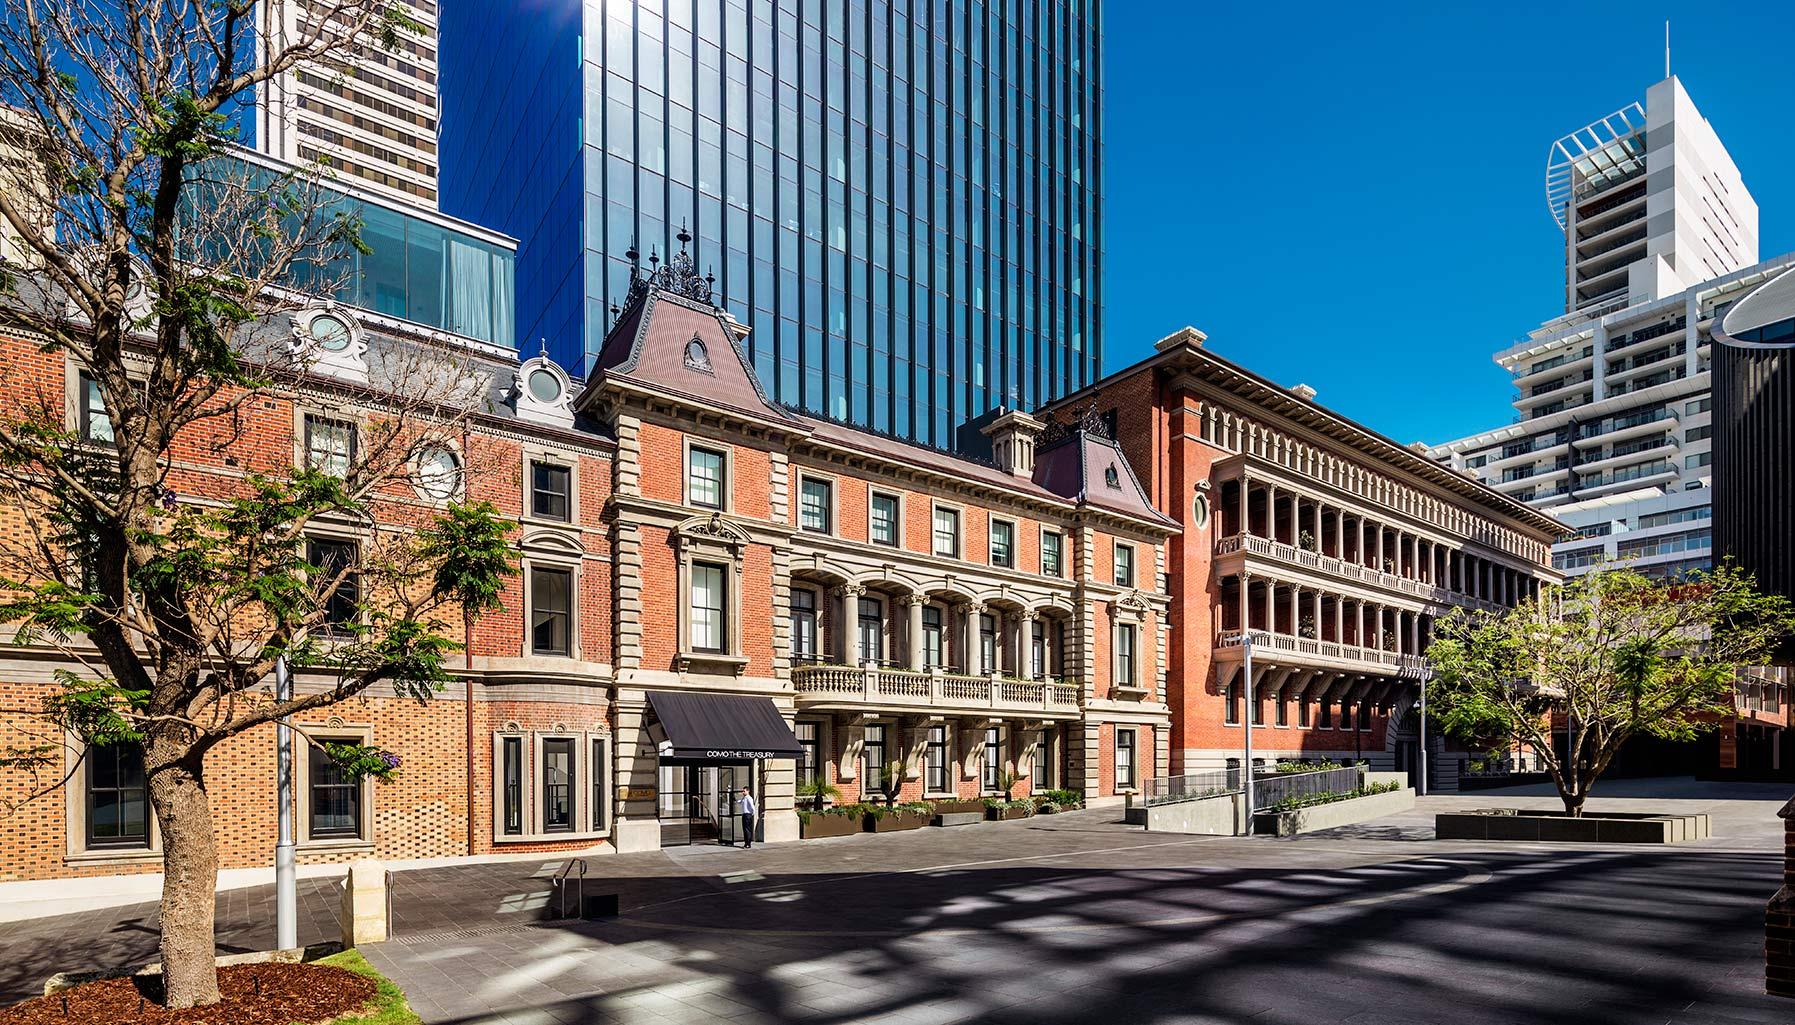 Como the Treasury leads an unprecedented historic renaissance in Perth